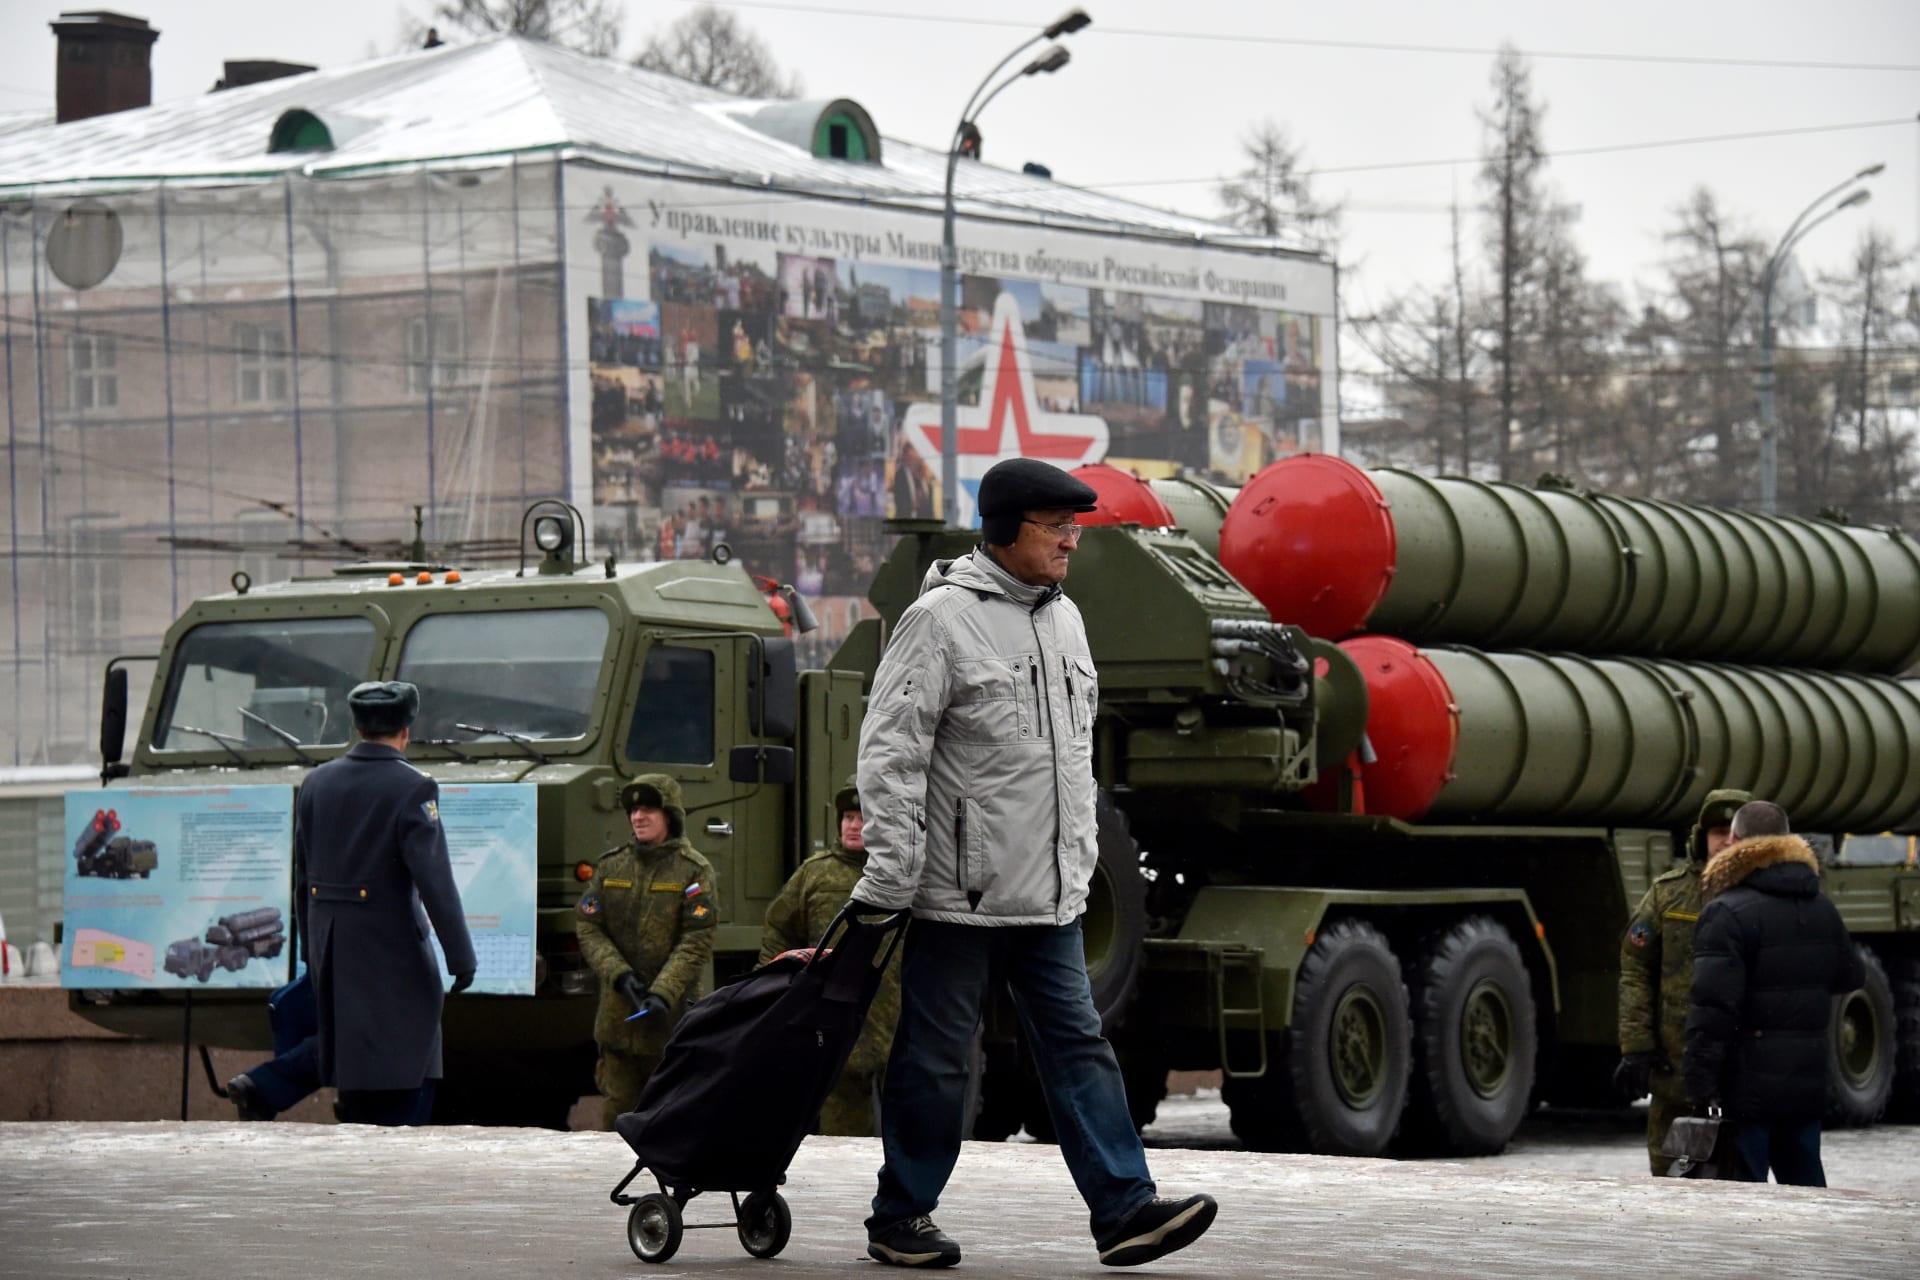 """روسيا تنشر فوجا كاملا من منظومات """"S-400"""" الصاروخية في شوارع موسكو"""